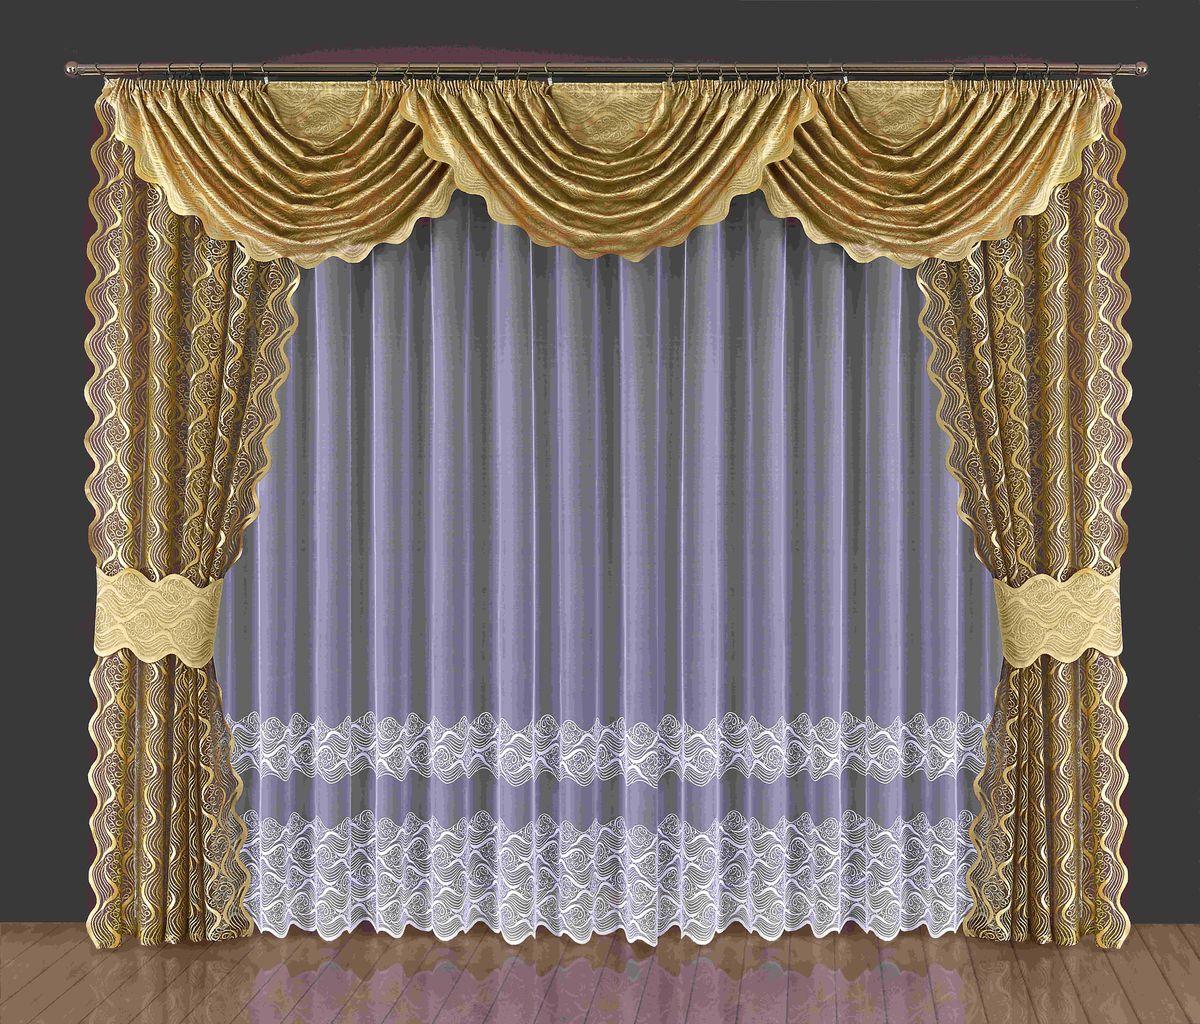 Комплект штор Wisan Domna, на ленте, цвет: золотистый, белый, высота 250 см комплект штор wisan lara на ленте цвет оранжевый белый высота 250 см